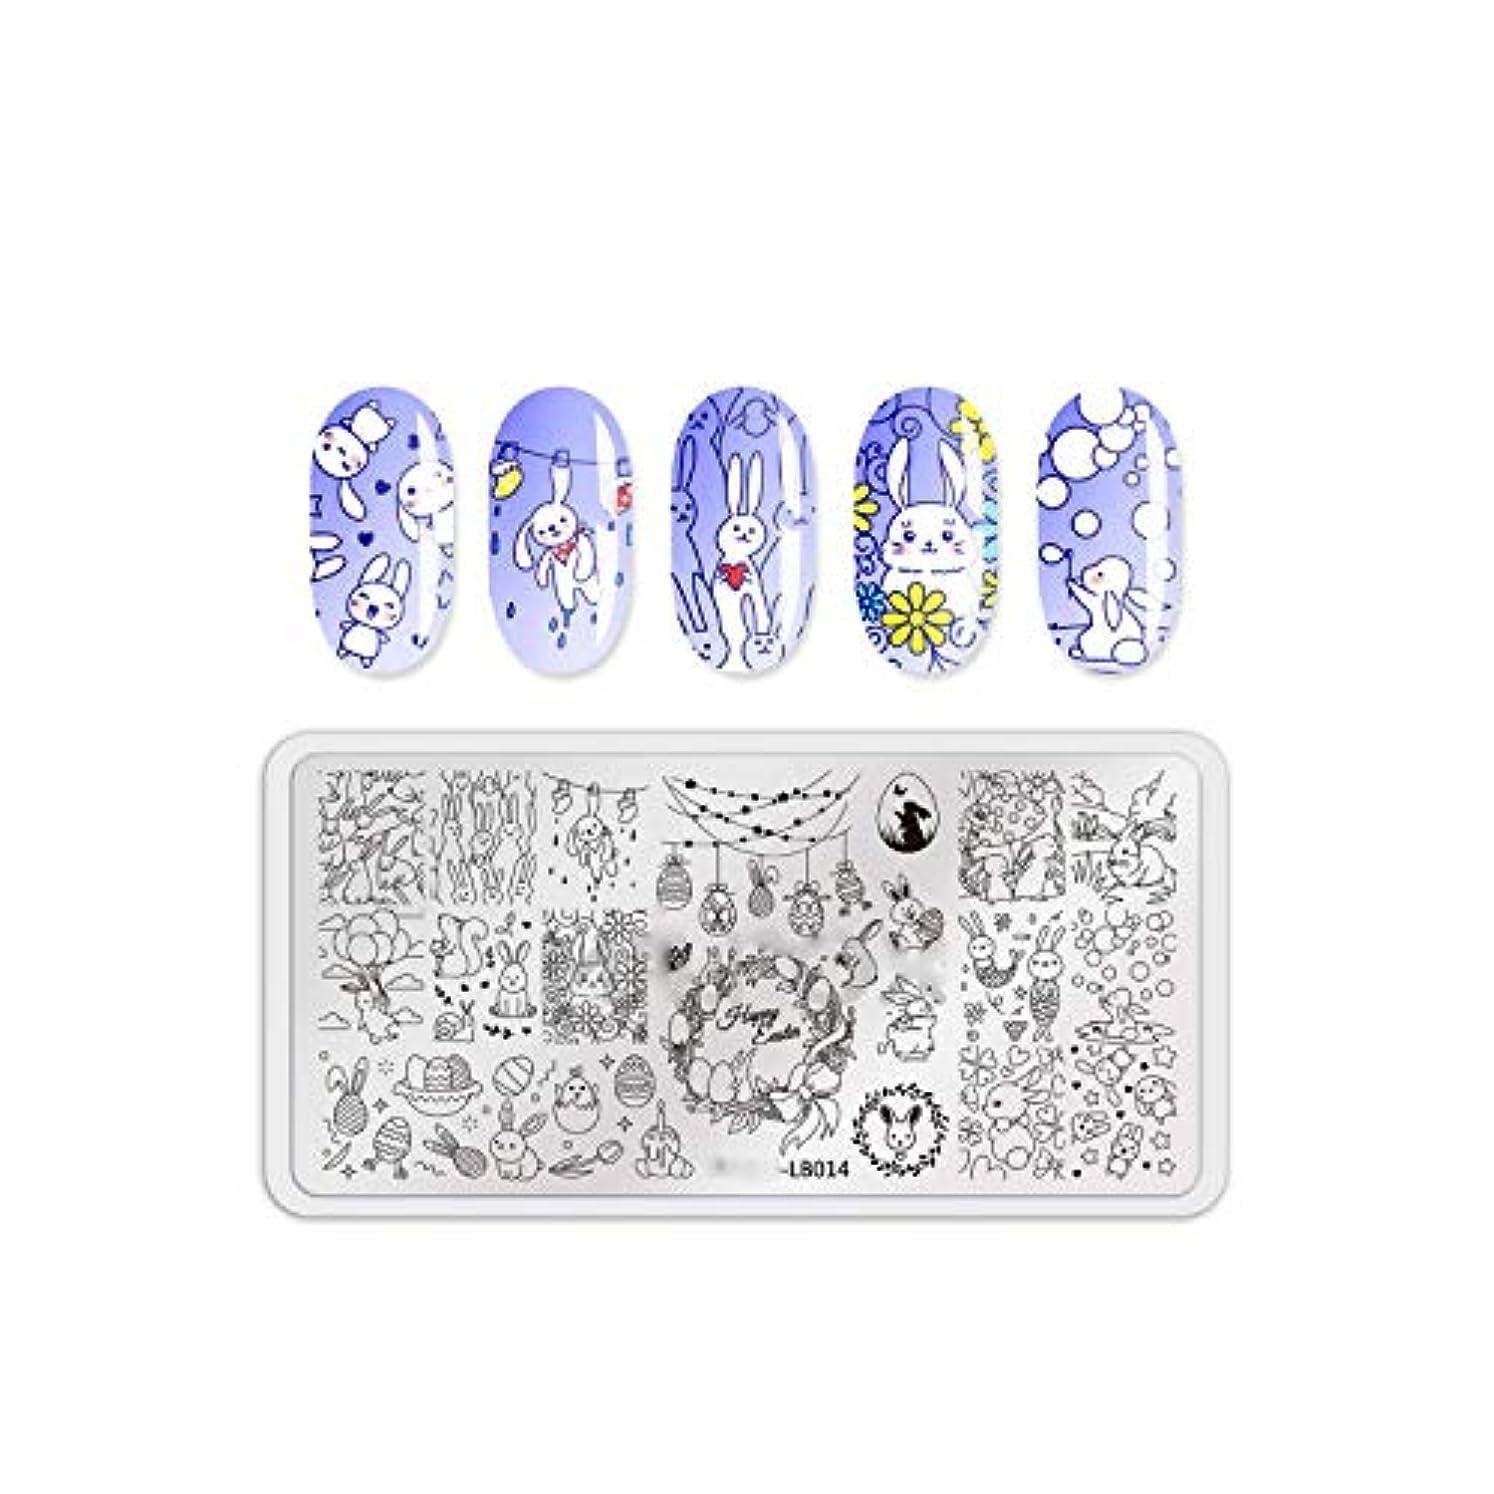 指紋ケーキ着替えるMR FOXネイルスタンピングプレート猫犬動物柄ネイルスタンプスタンピングテンプレート画像ボードダイネイルツール,LB014